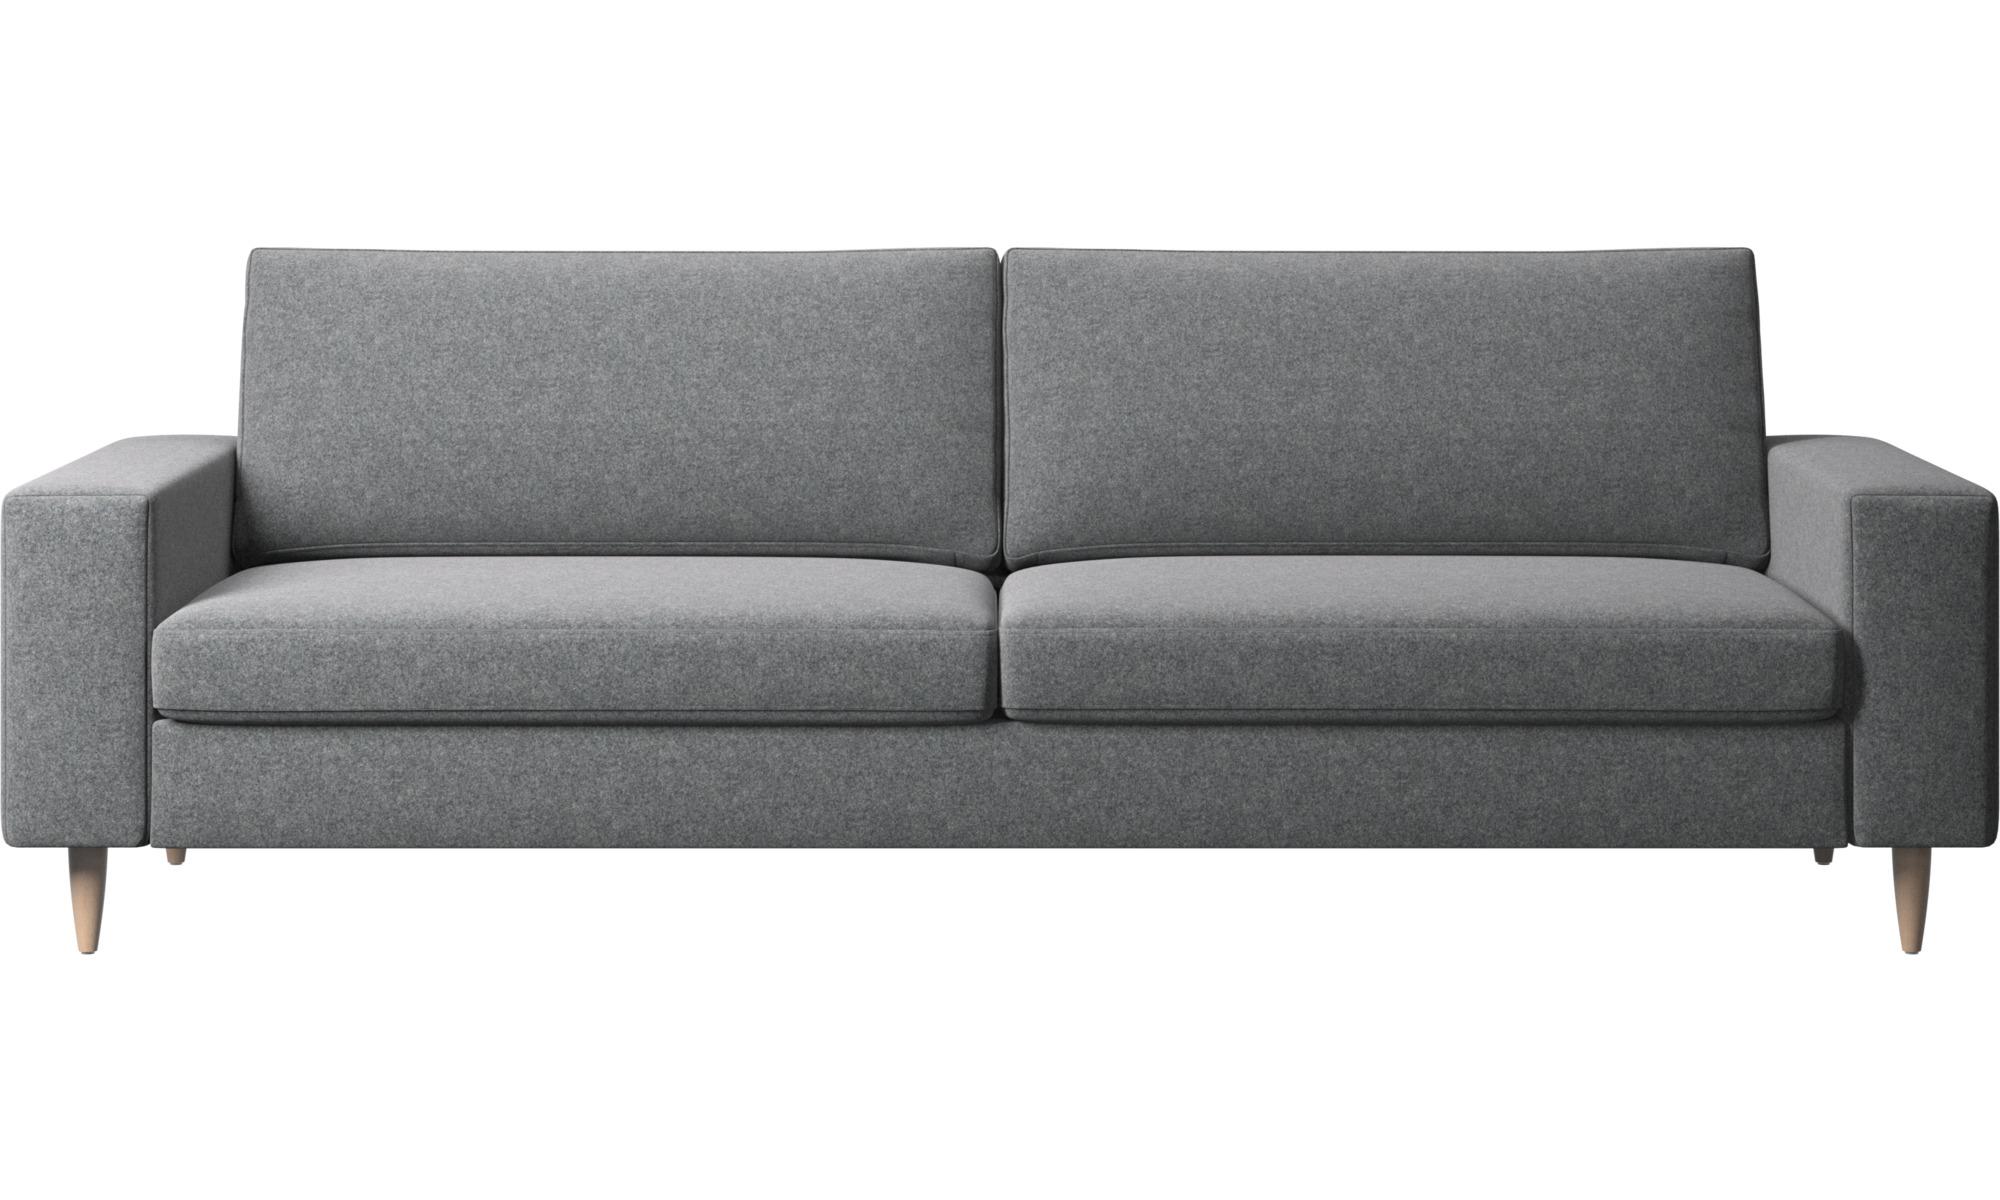 Full Size of Sofa Stoff Grau Ikea 3er Sofas Big Chesterfield Couch Reinigen Gebraucht Grauer Graues Schlaffunktion Meliert Grober Kaufen Kissen Mondo Weißes Dauerschläfer Sofa Sofa Stoff Grau